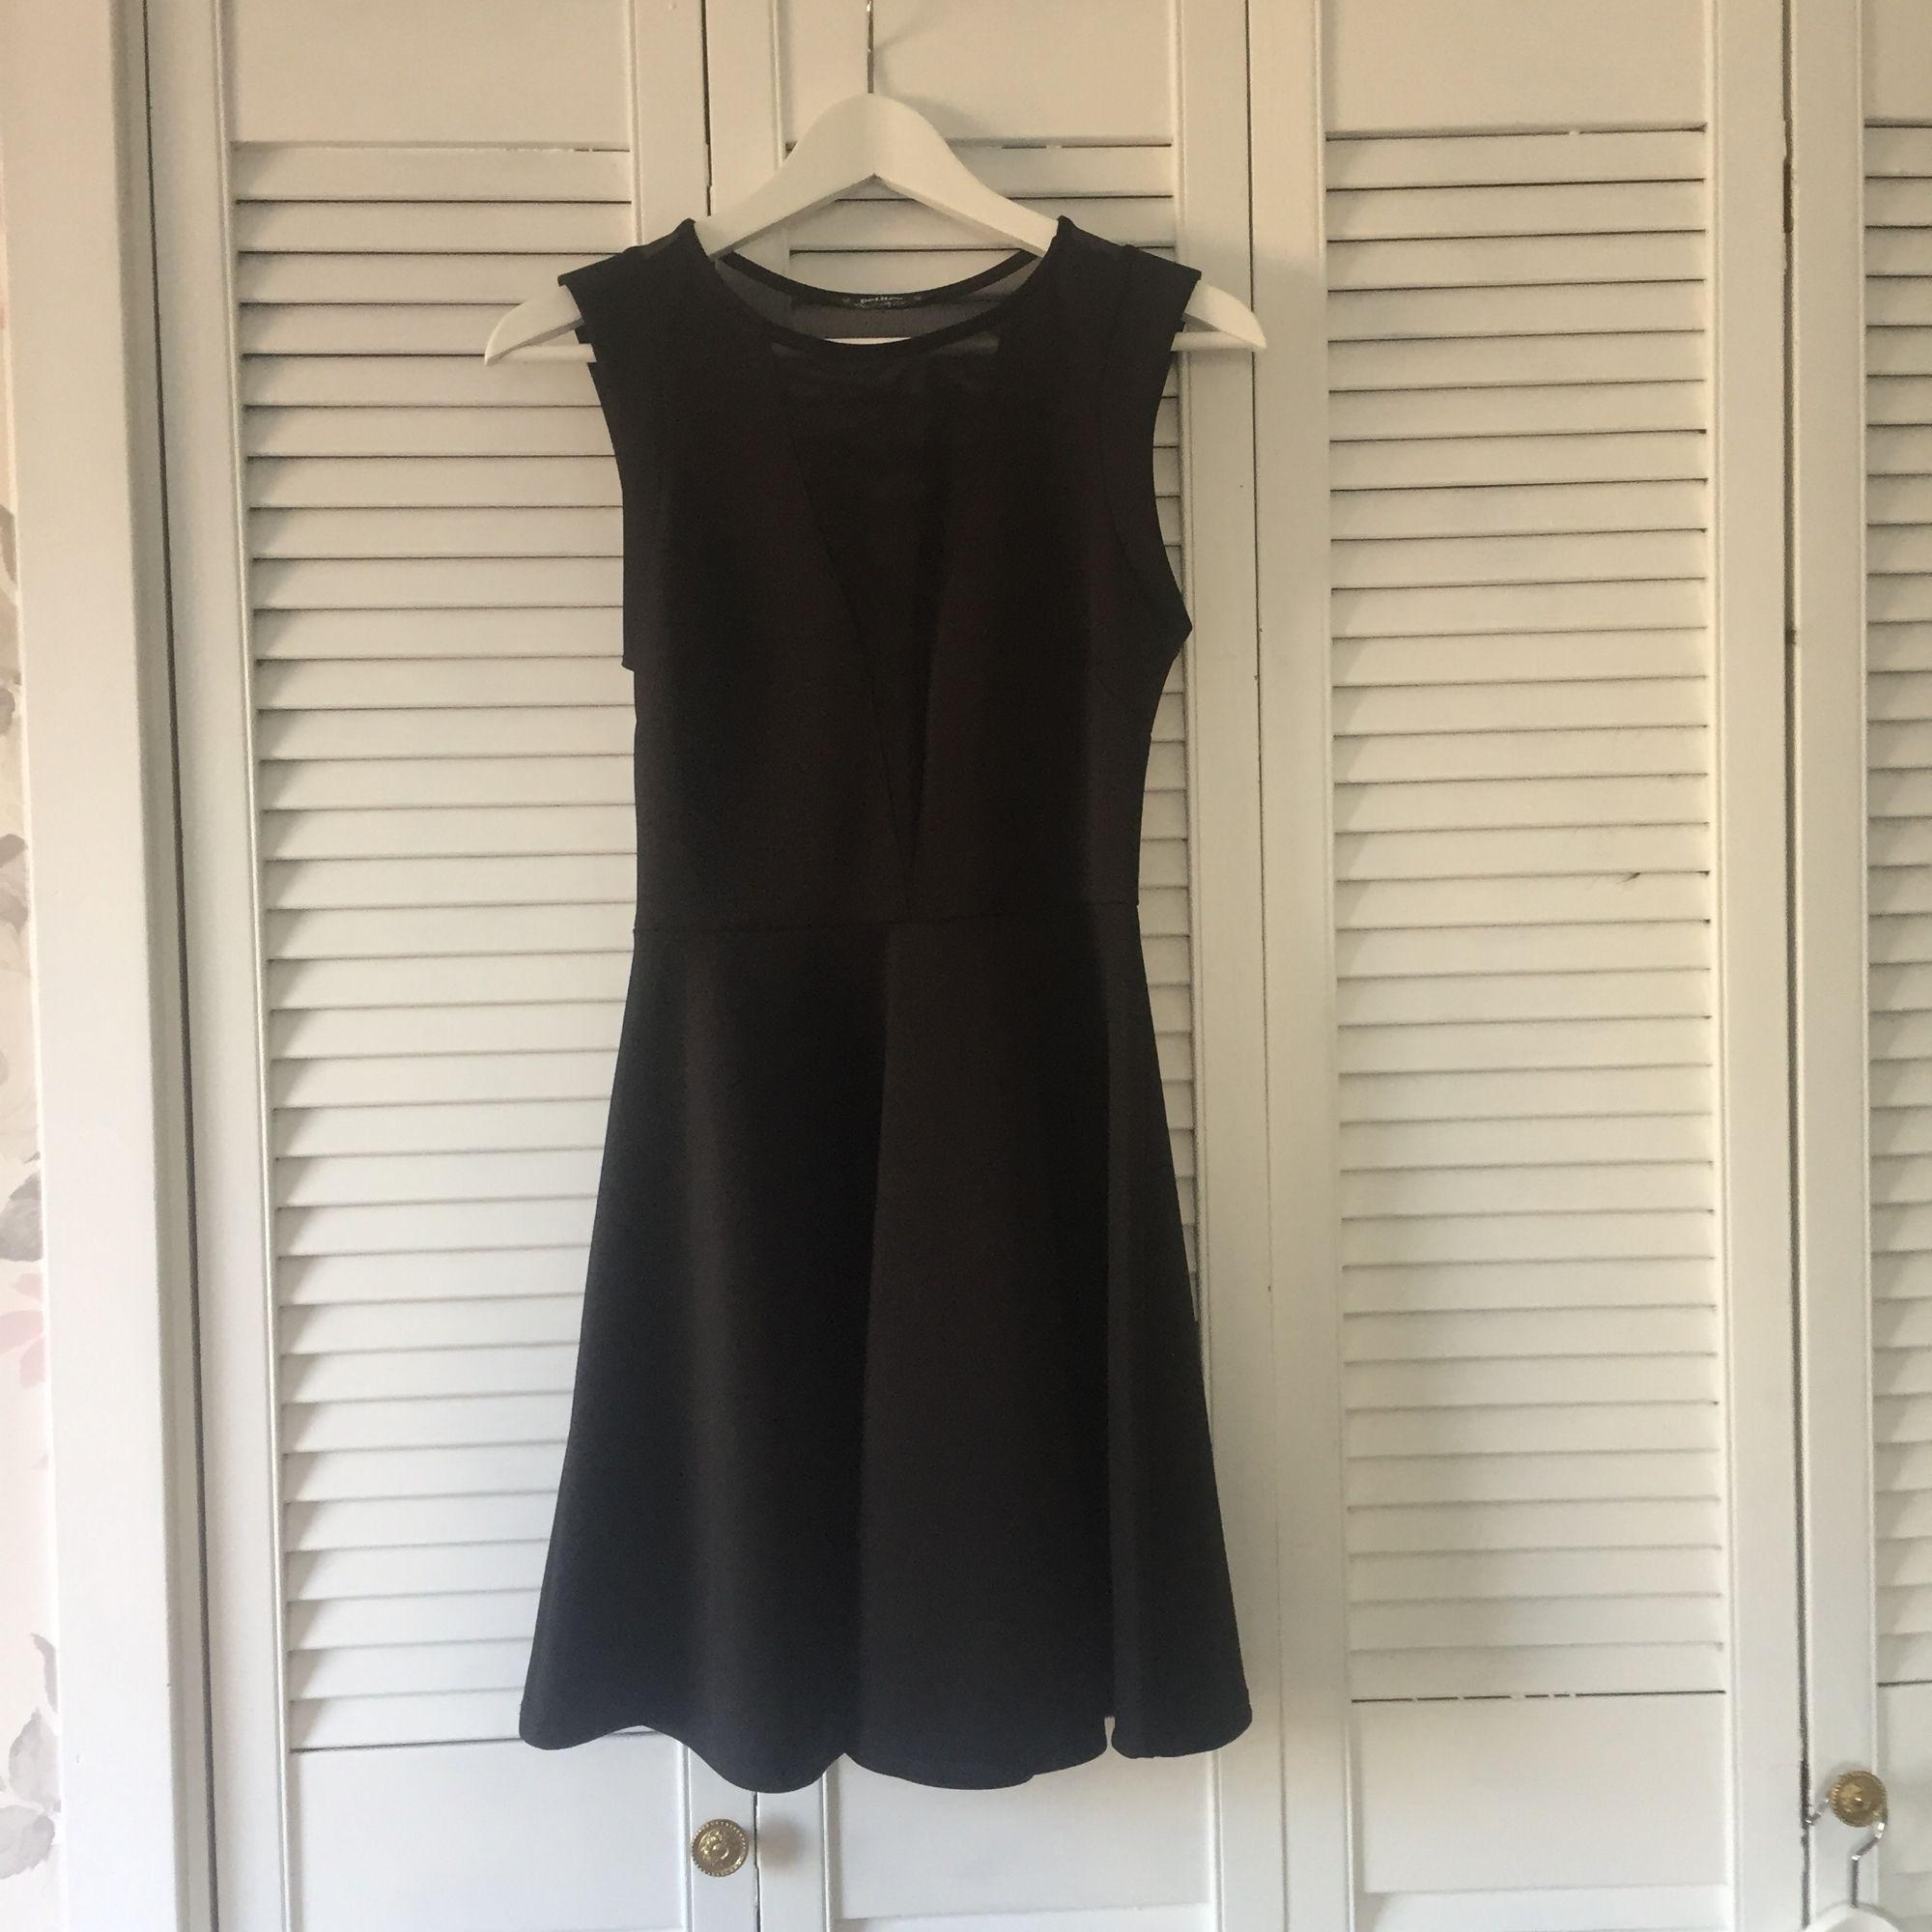 Svart klänning från Topshop petites. Själva klänningen är i 93% polyester och 7% elastan och de transparenta delarna (ryggen och urringningen) i 92% polyester och 8% elastan. Knappt använd så ser ut som ny! . Klänningar.